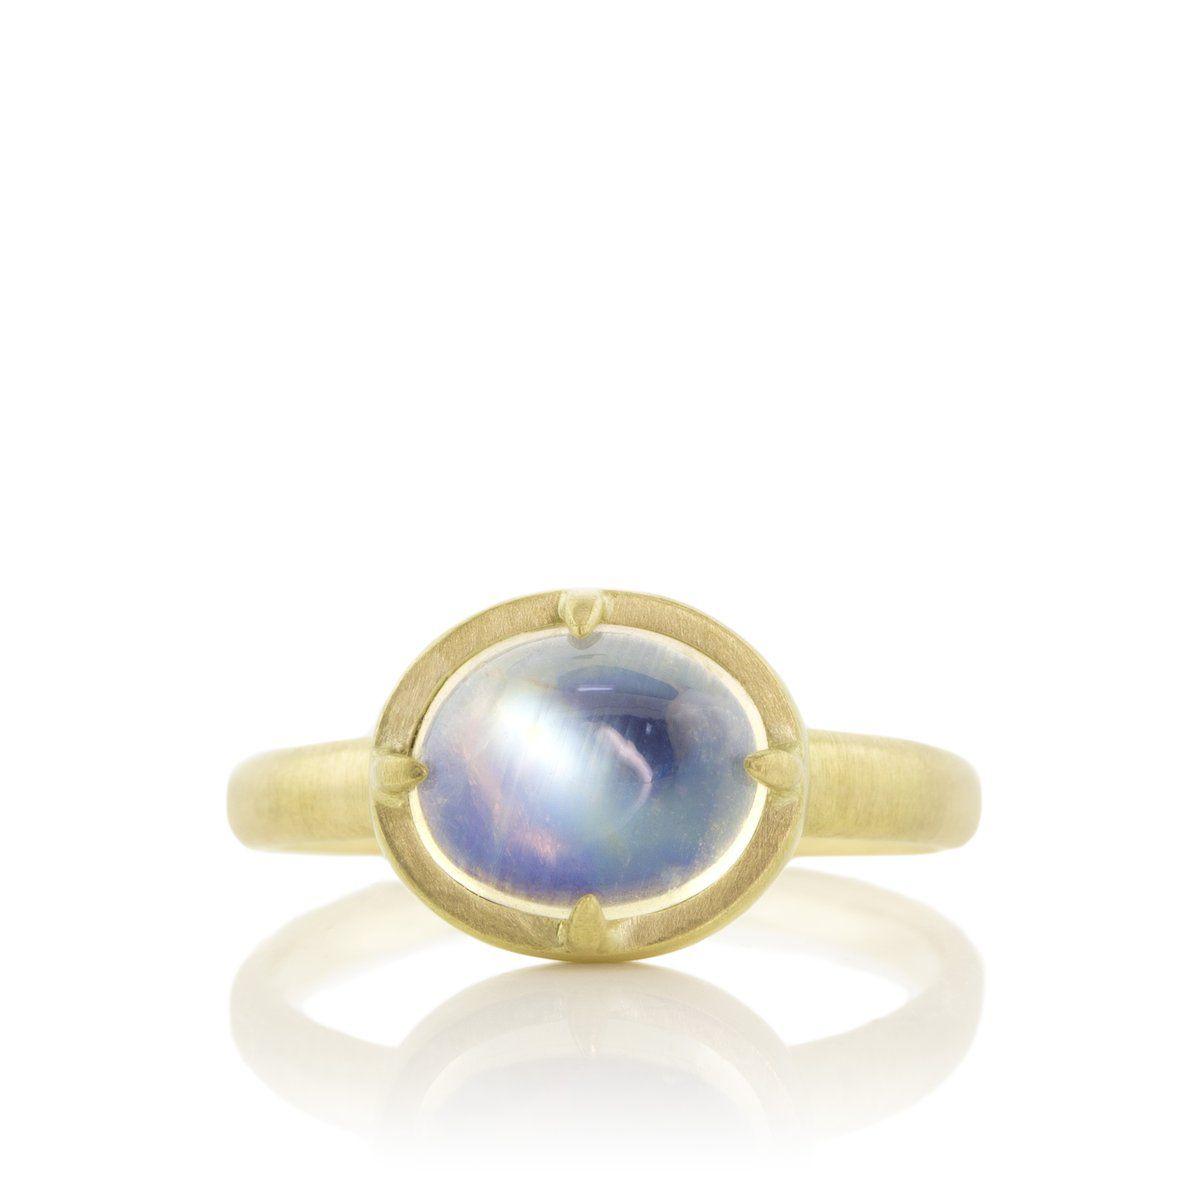 Horizontal moonstone prong ring